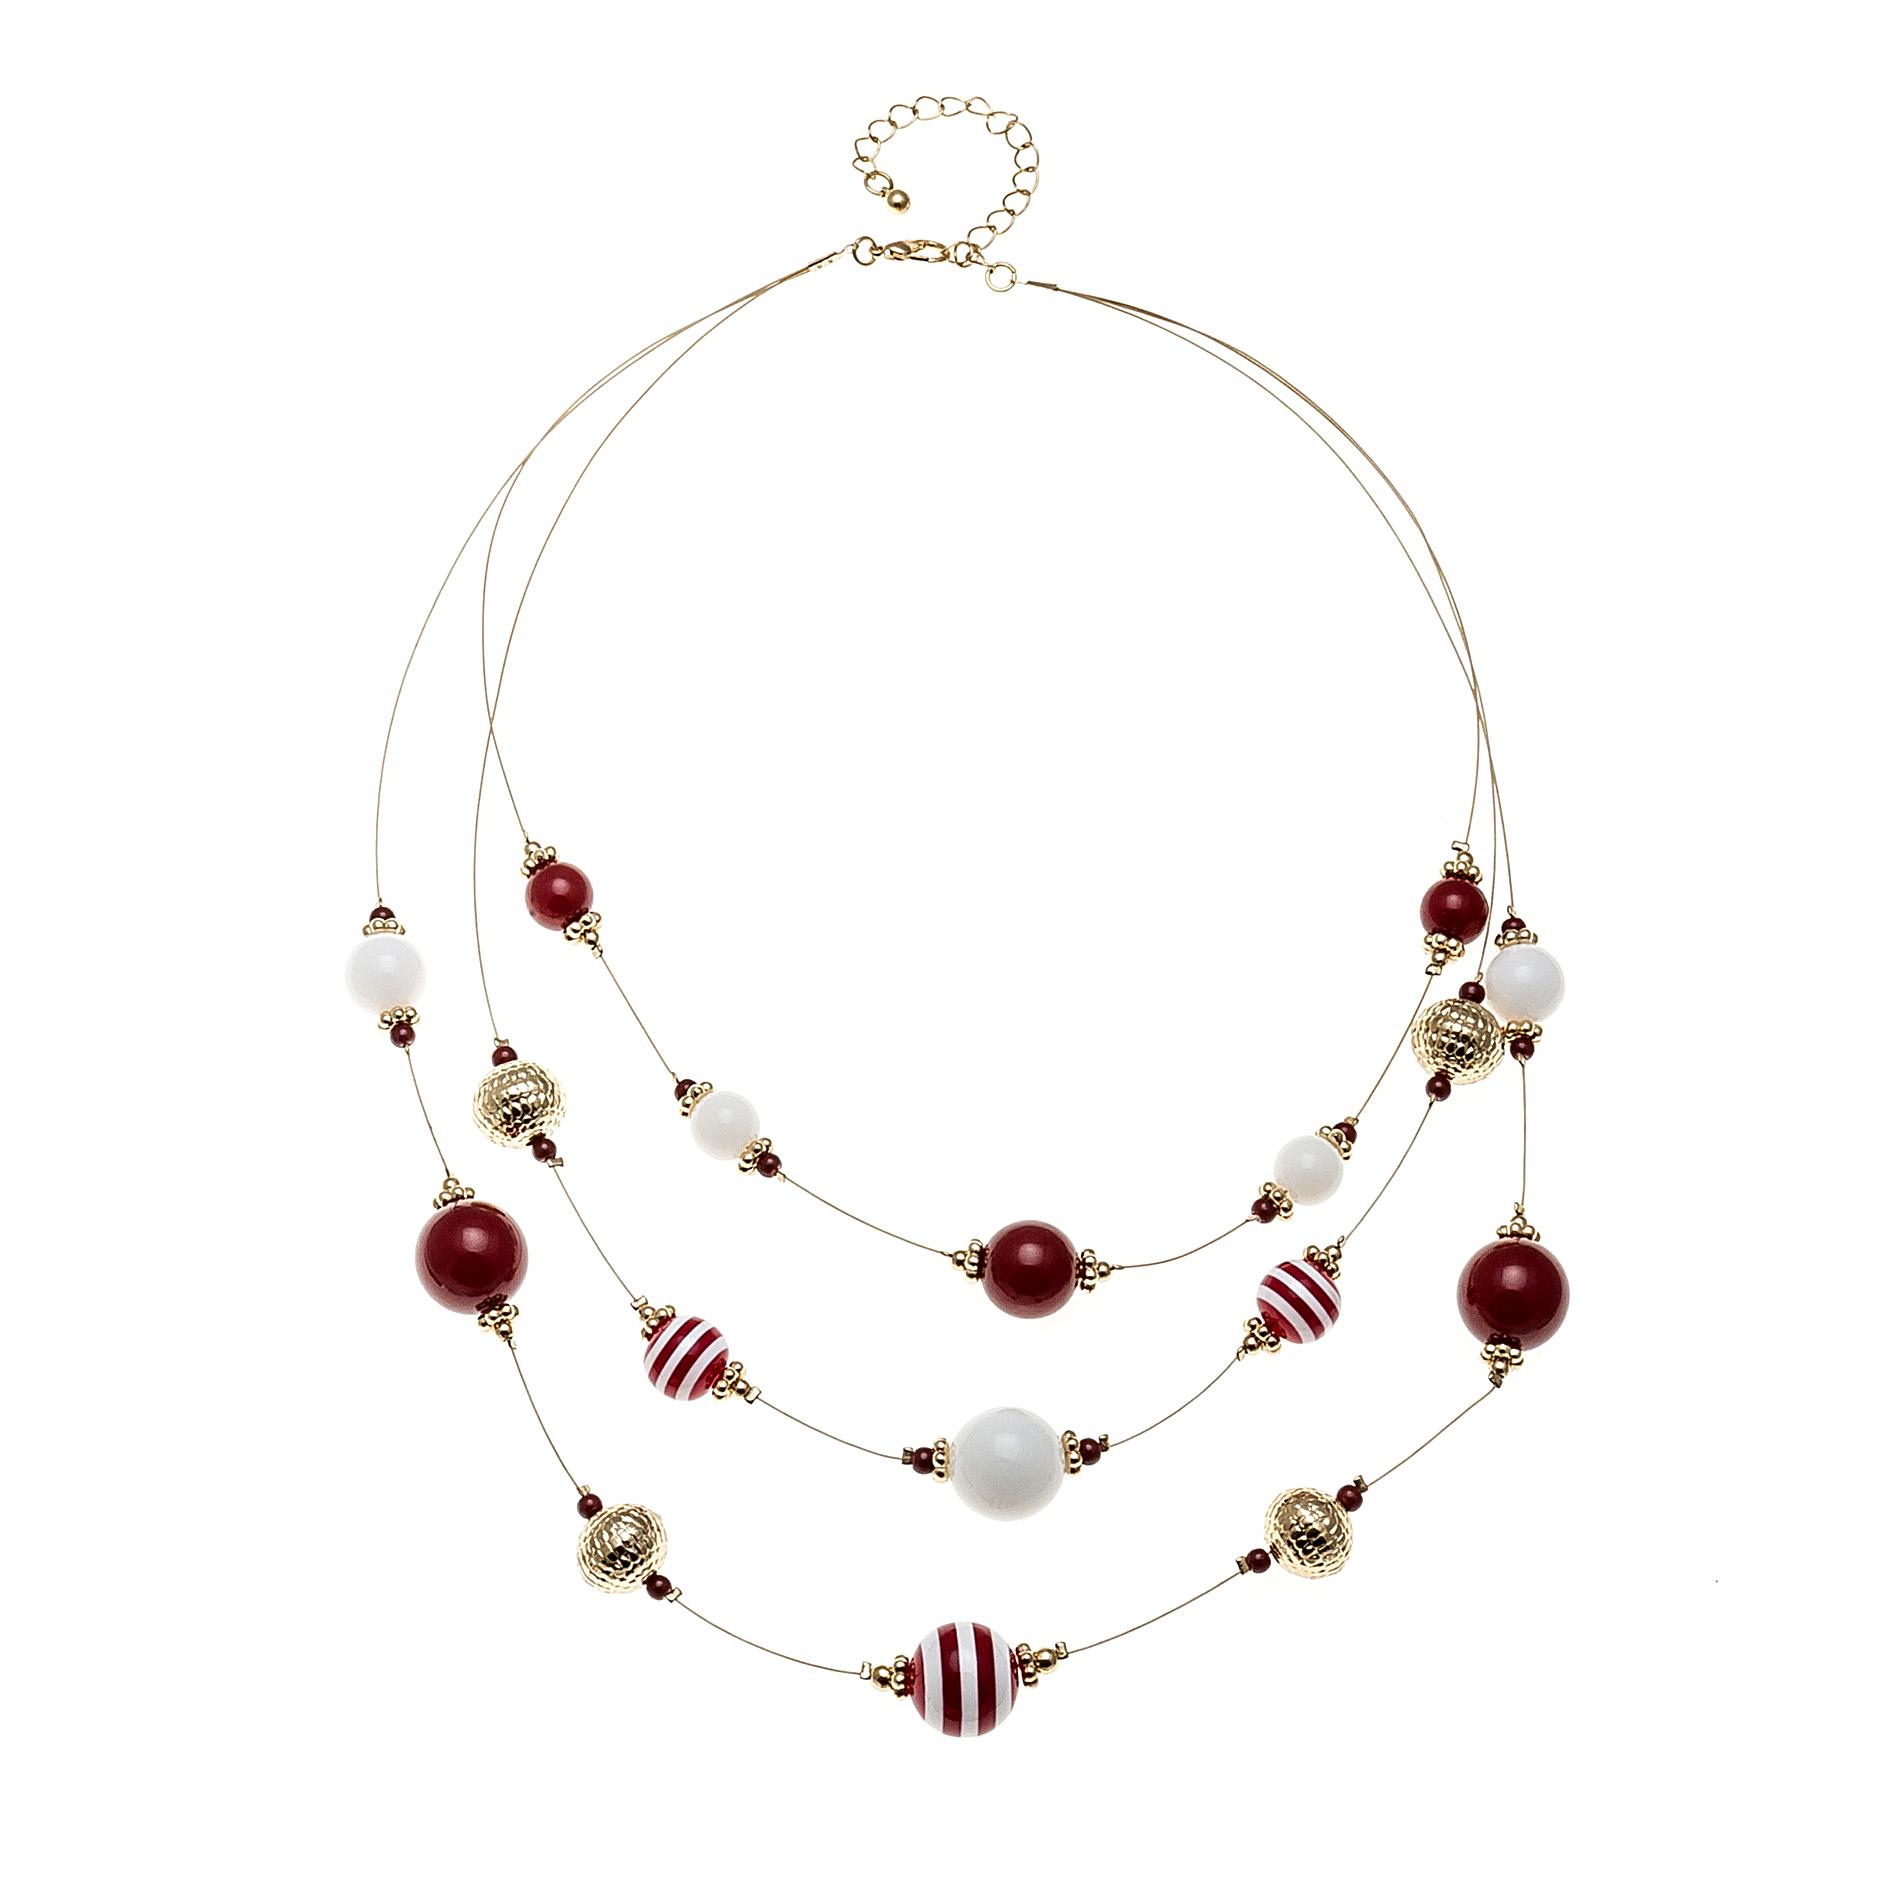 多层欧美条纹珠子项链